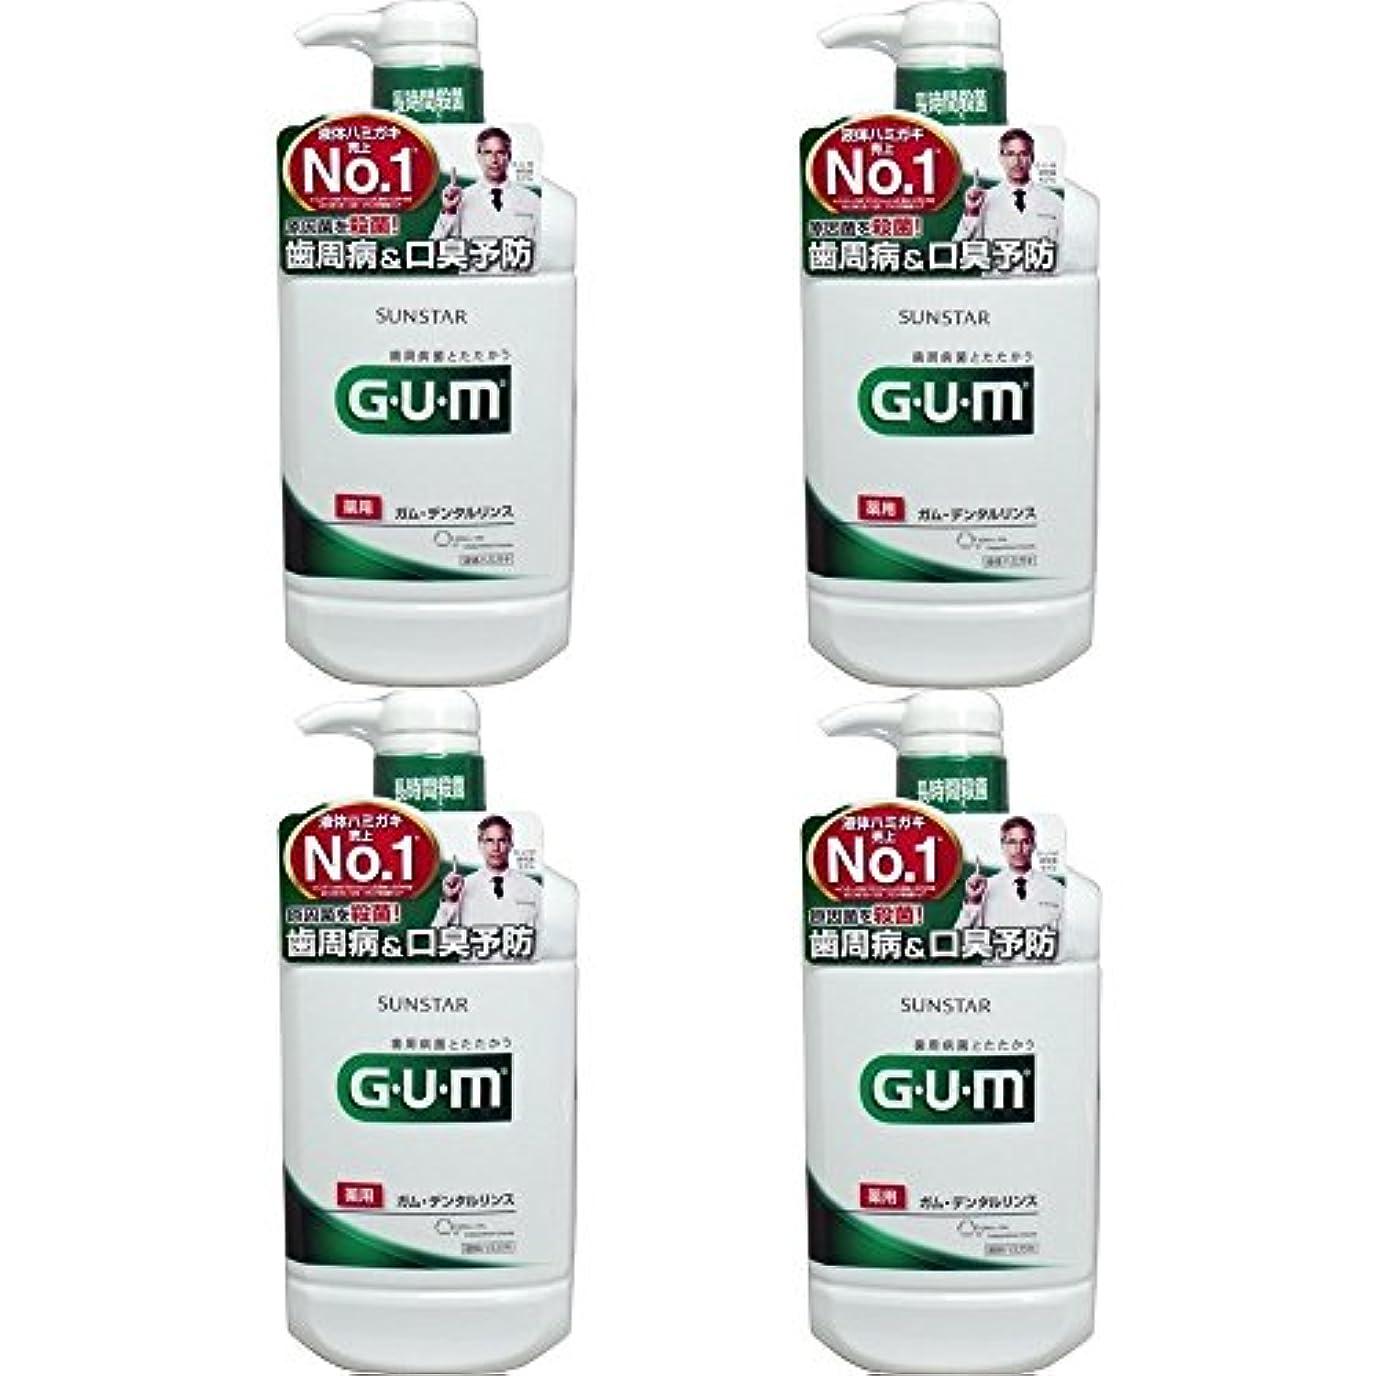 ブートアクティブ困った【セット品】GUM(ガム)?デンタルリンス (レギュラータイプ) 960mL (医薬部外品) (4個)